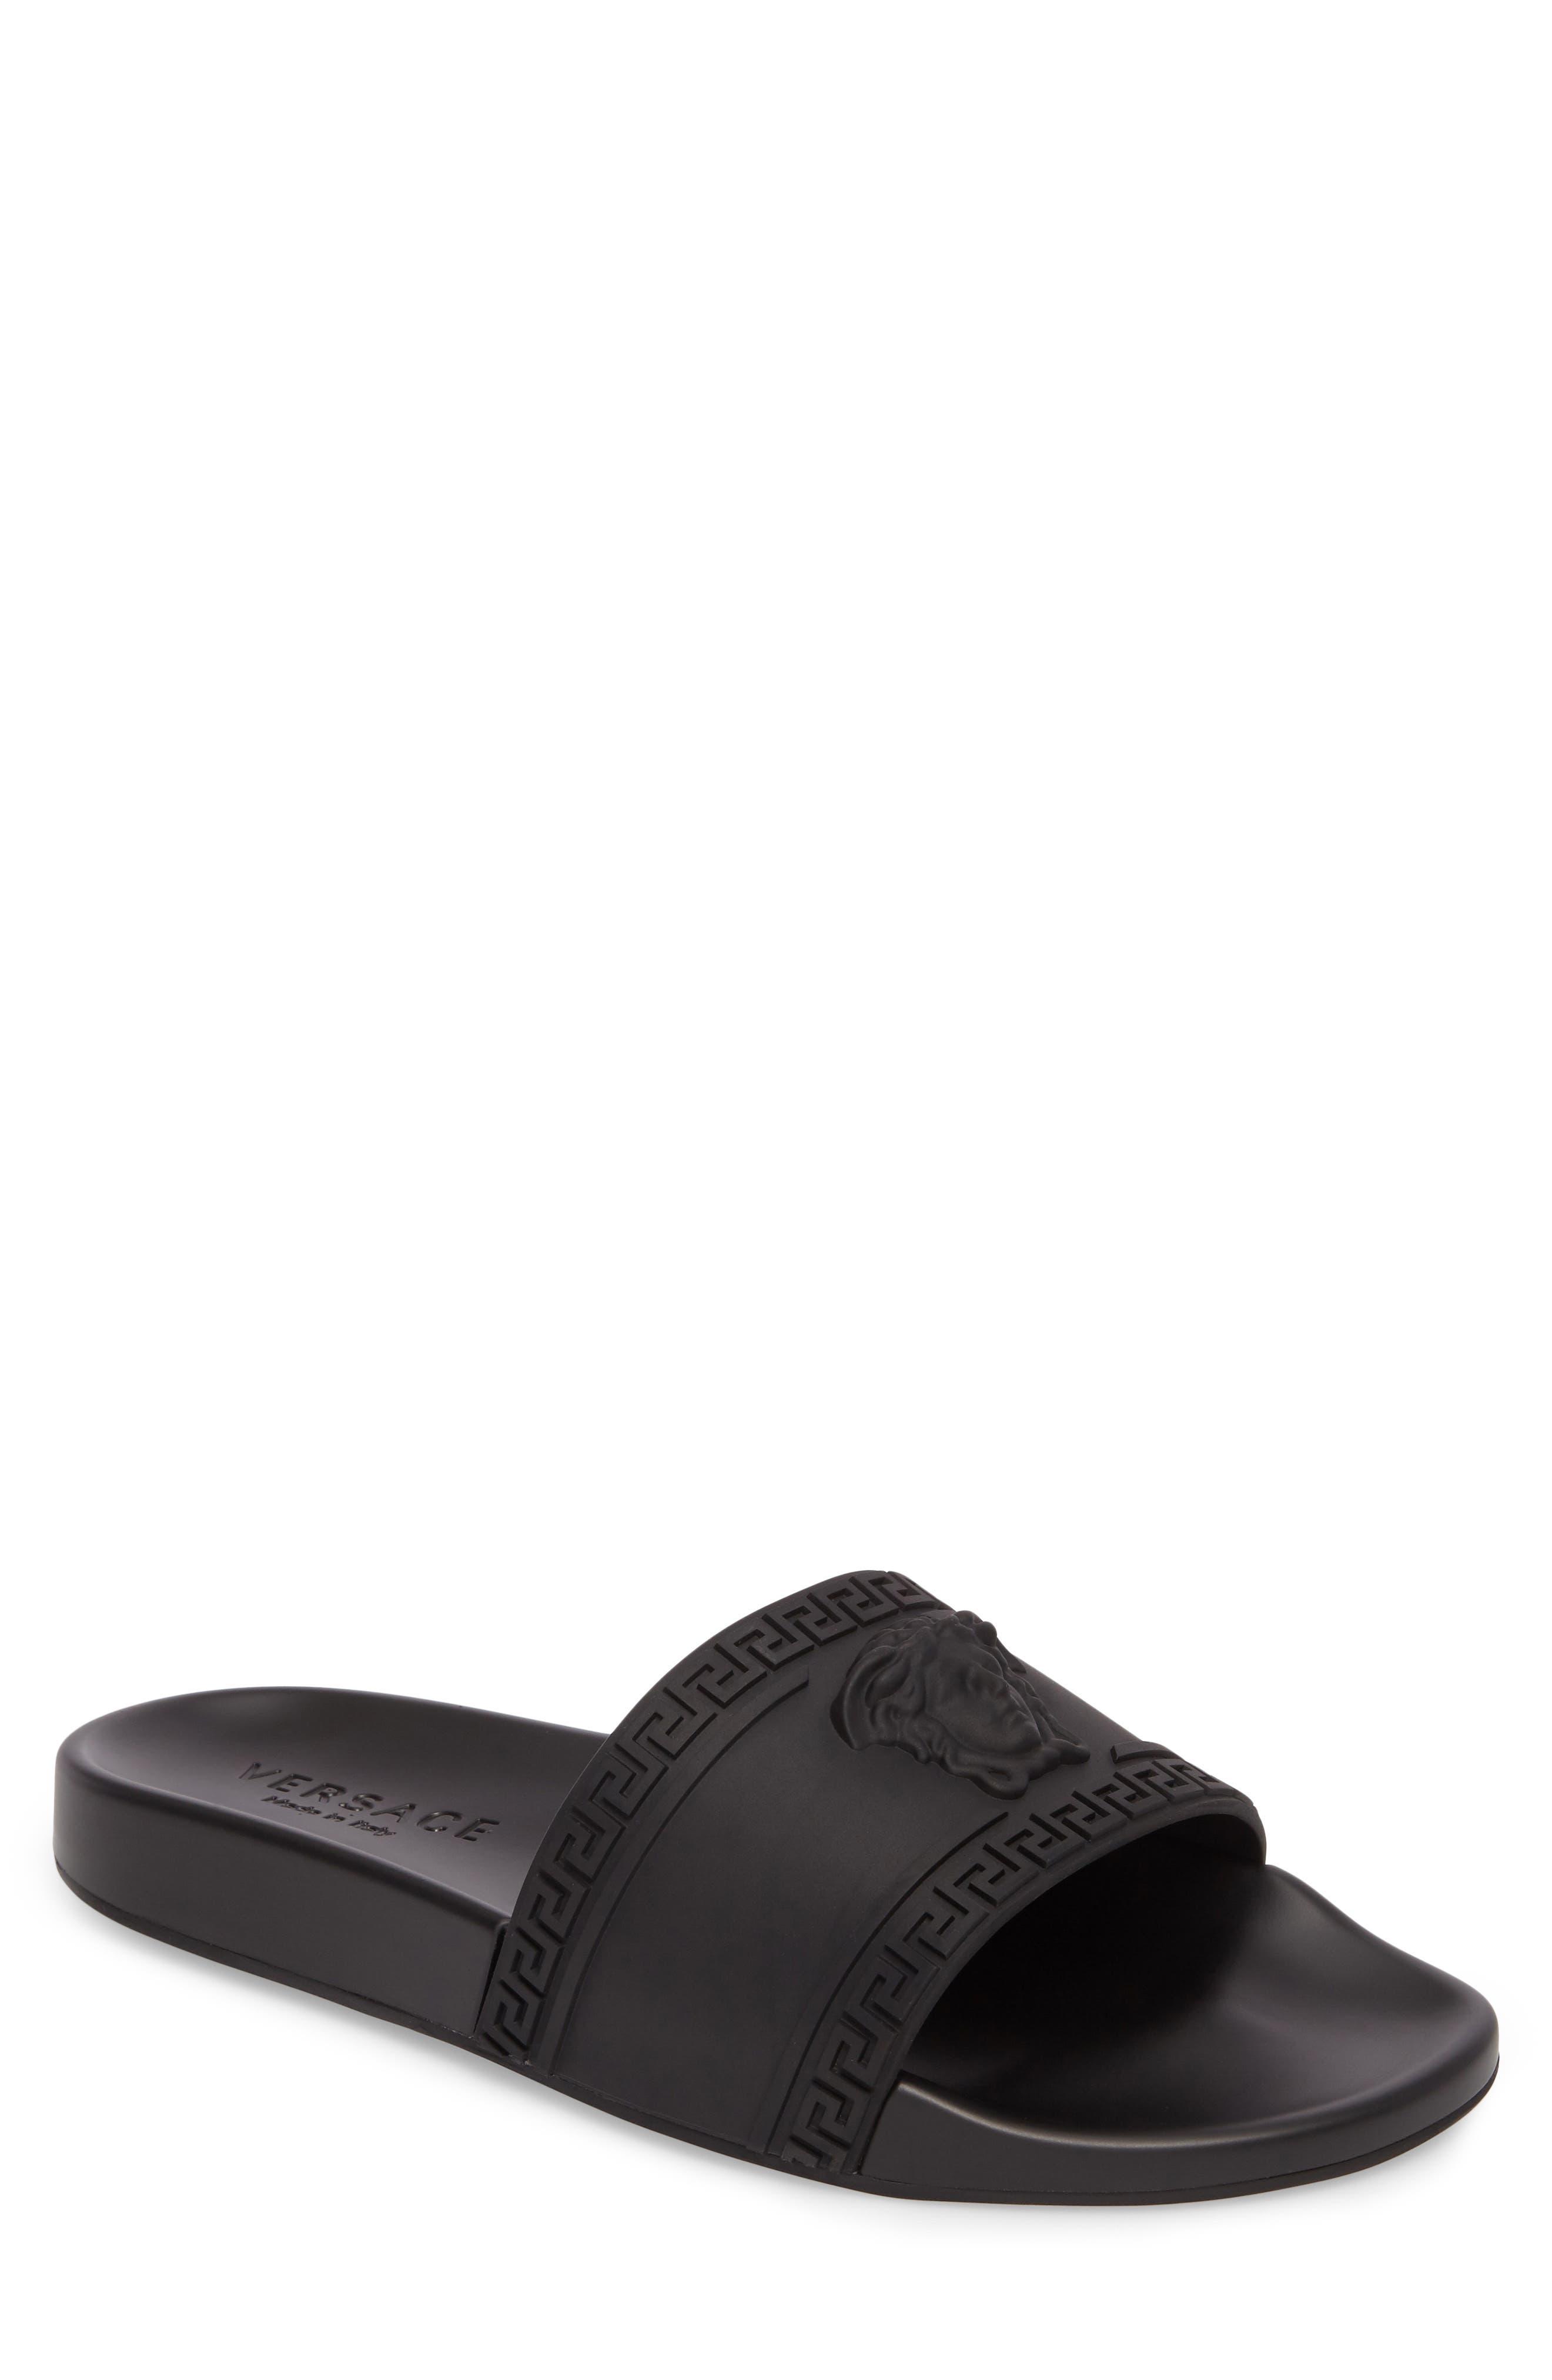 Palazzo Medusa Slide Sandal,                             Main thumbnail 1, color,                             Black